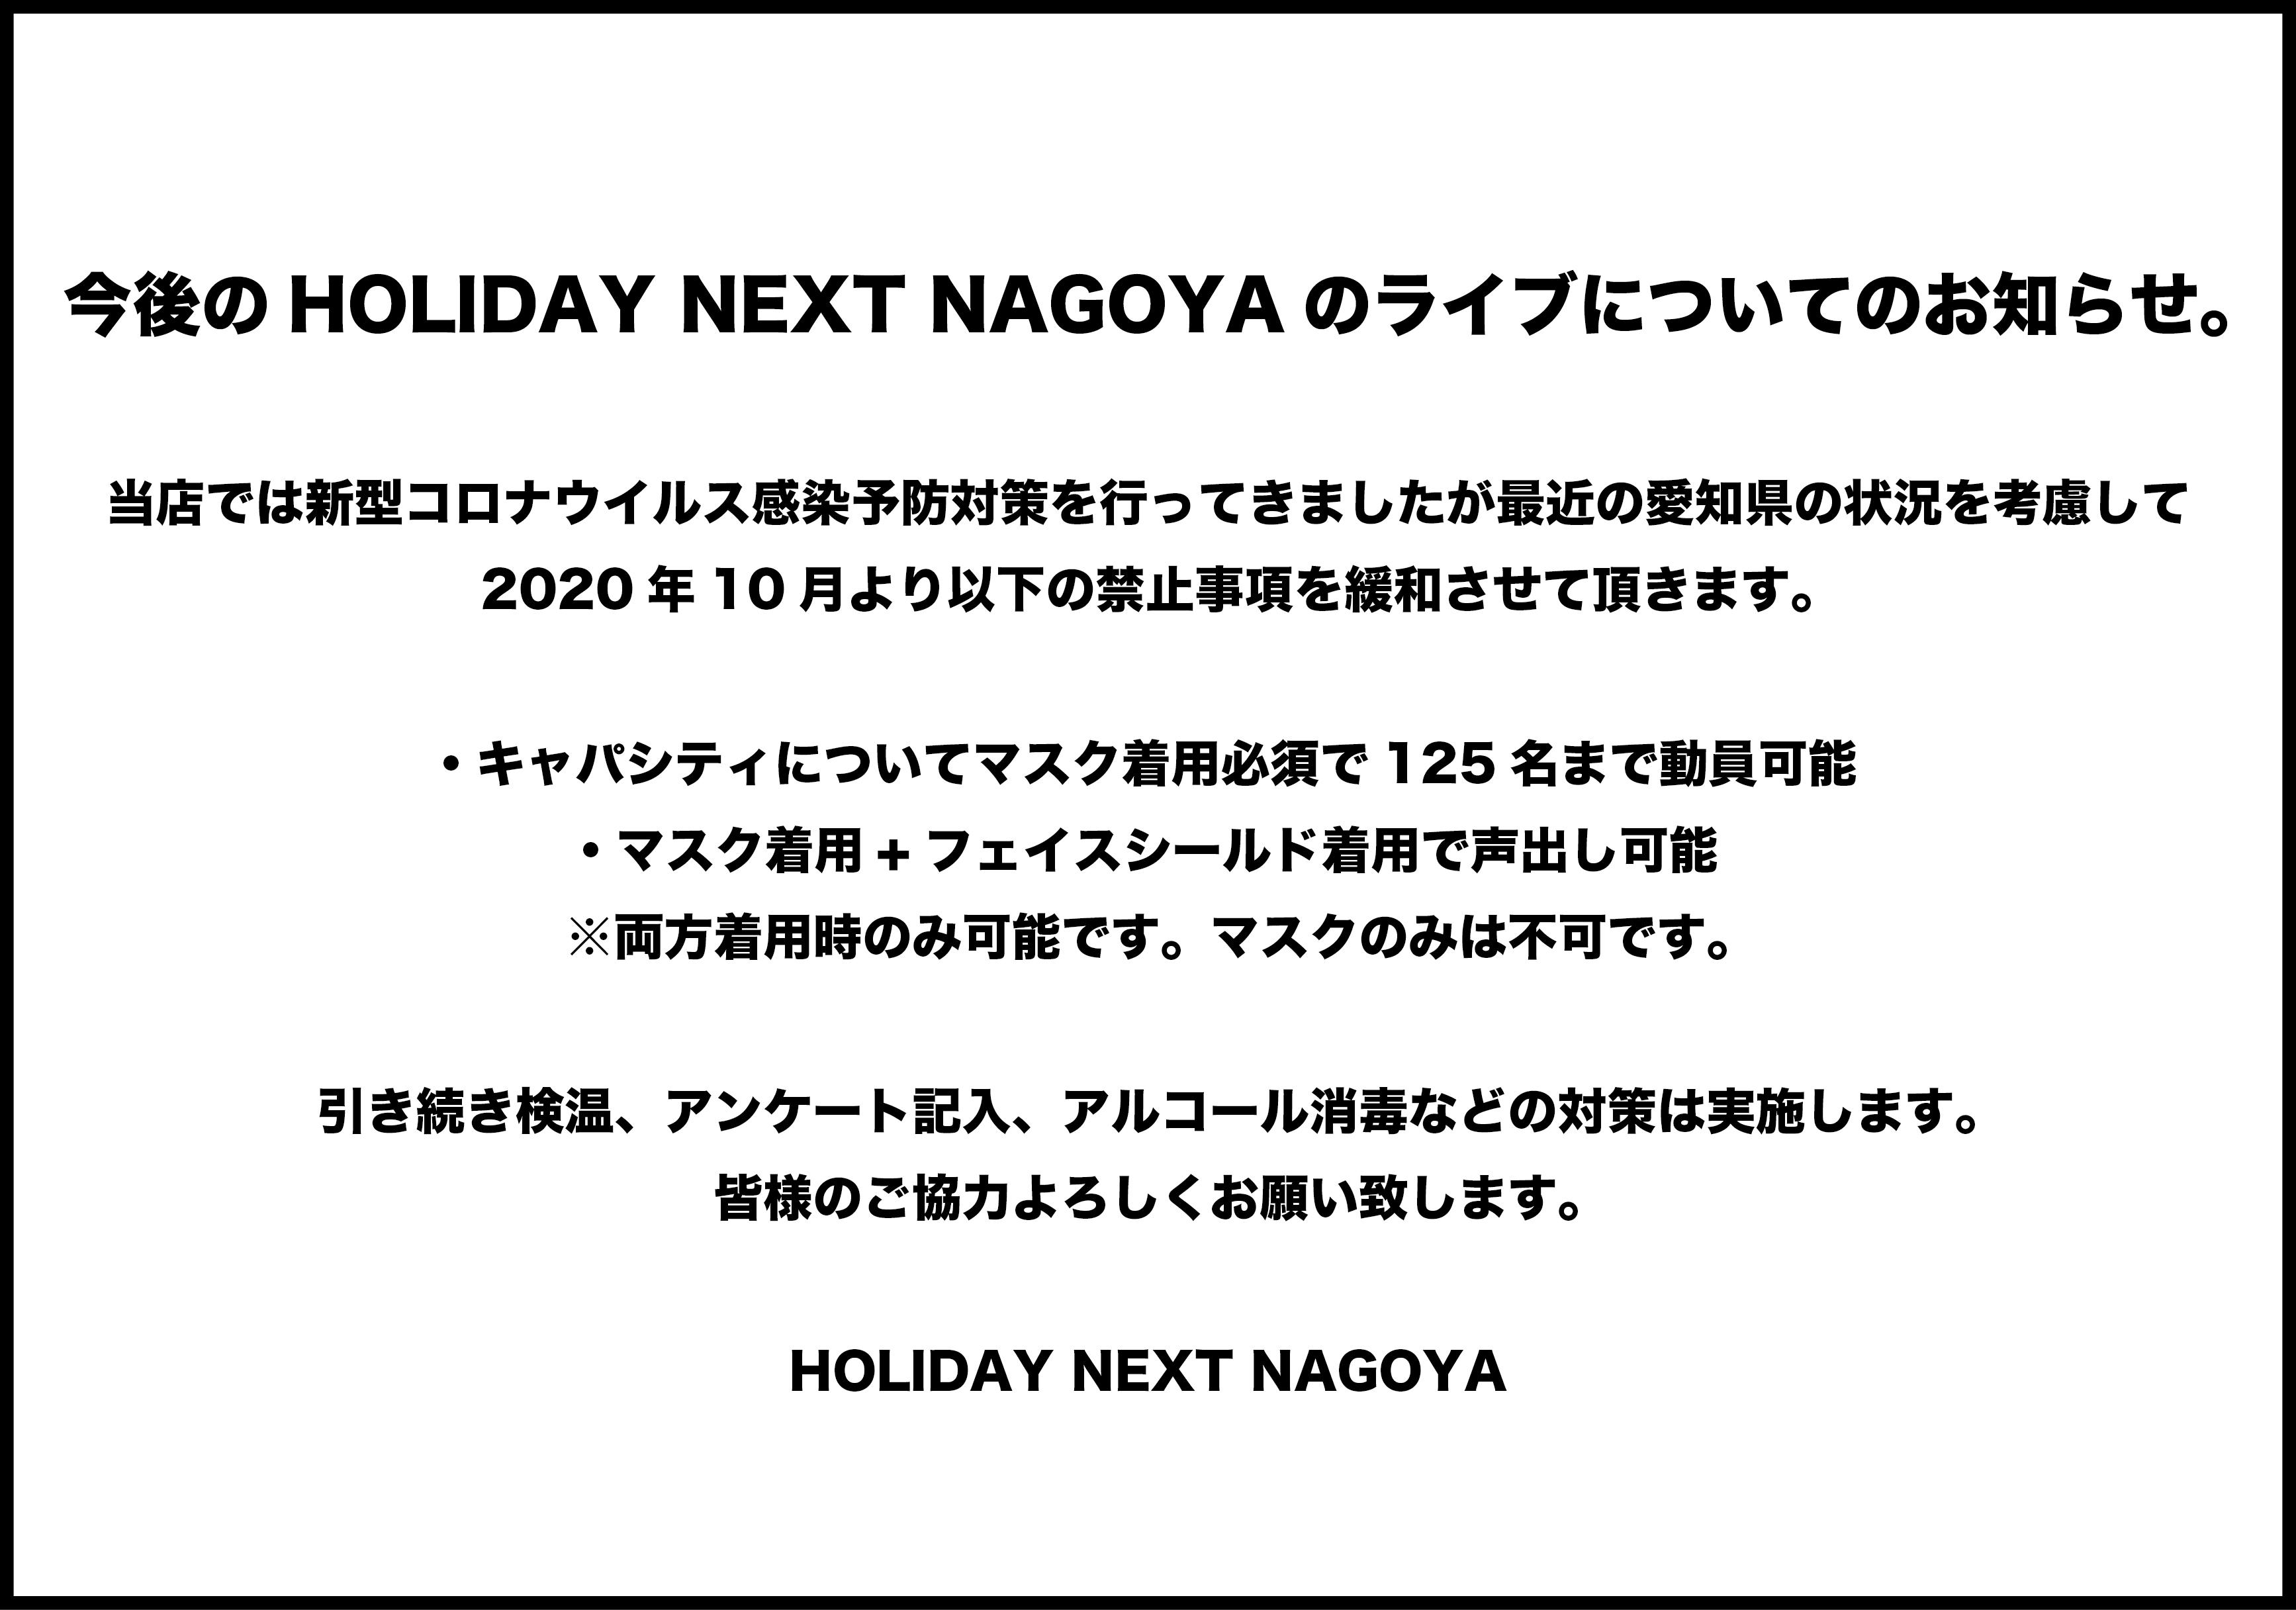 名古屋ホリデー緩和201001〜